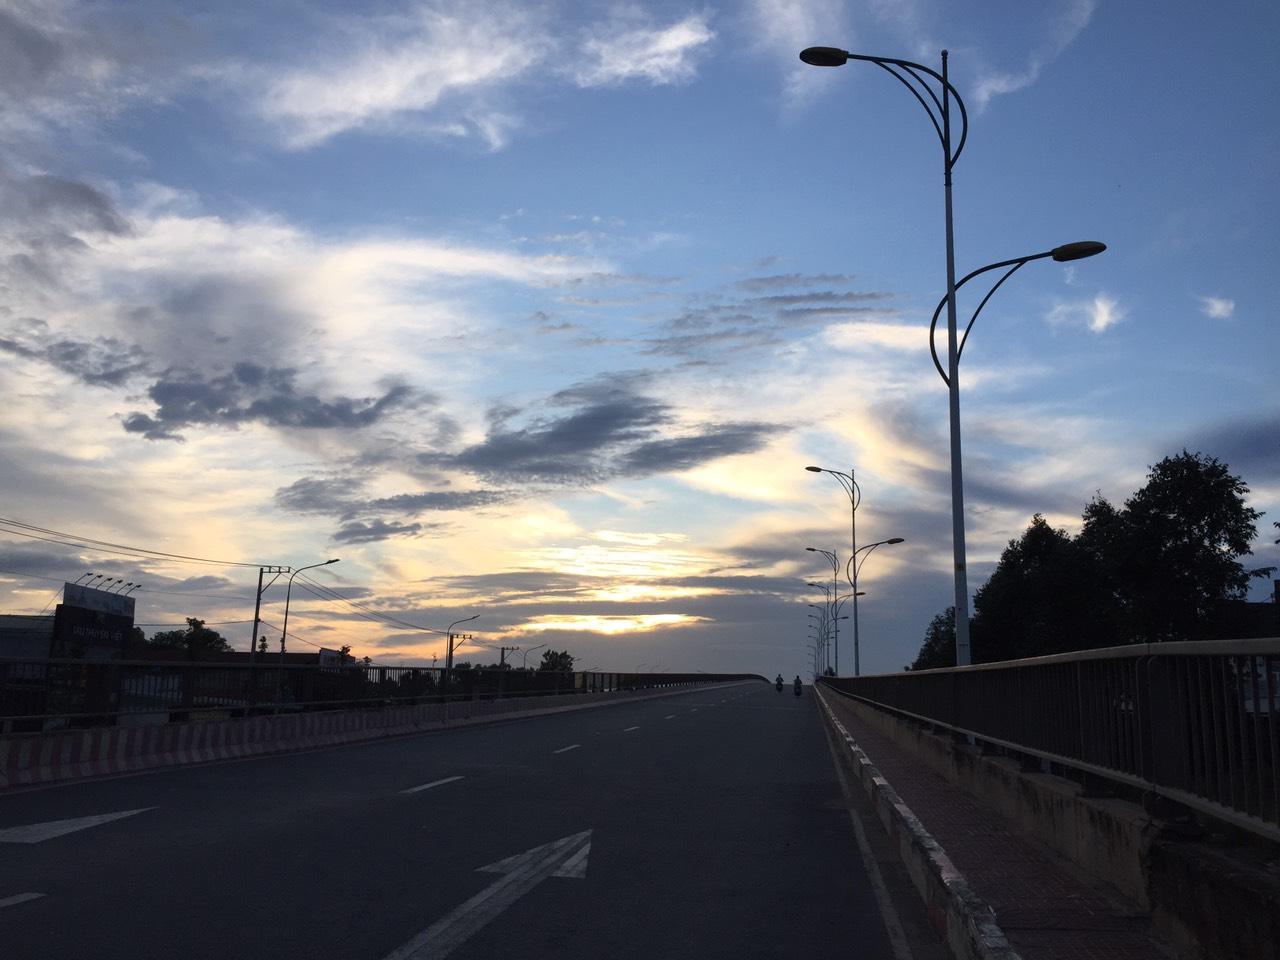 Kể chuyện làng: Nhớ chiếc cầu quê hương - Ảnh 2.